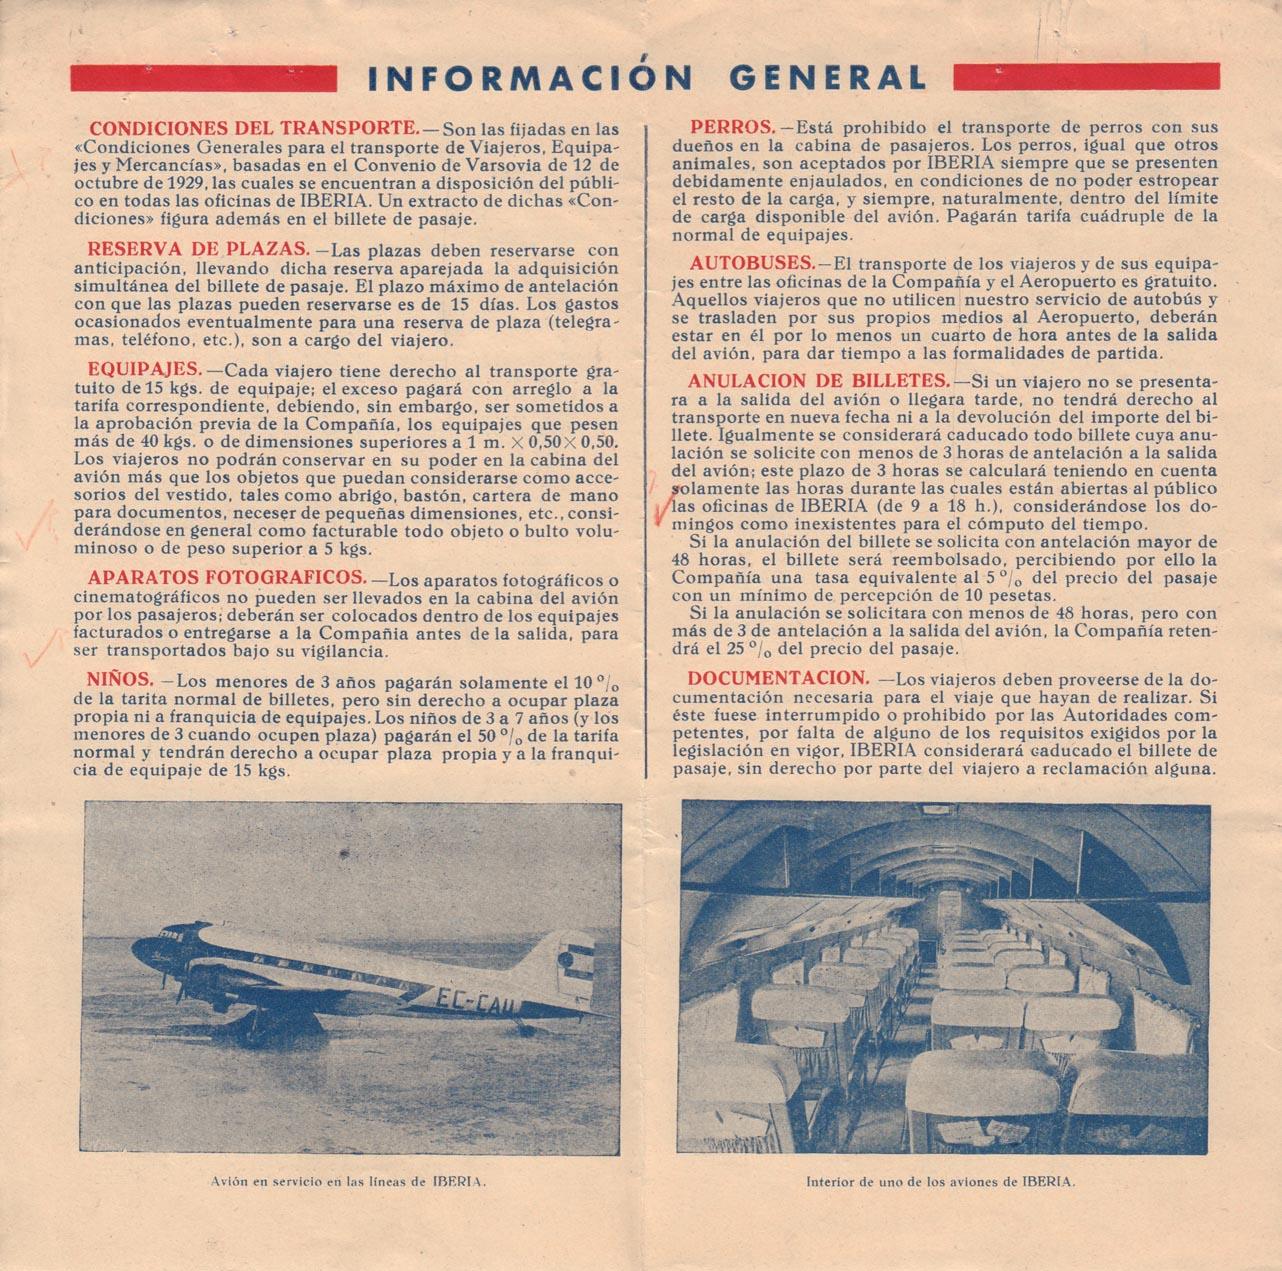 Tabla de horarios y tarifas de Iberia, vigentes desde junio de 1945. Información general y condiciones.